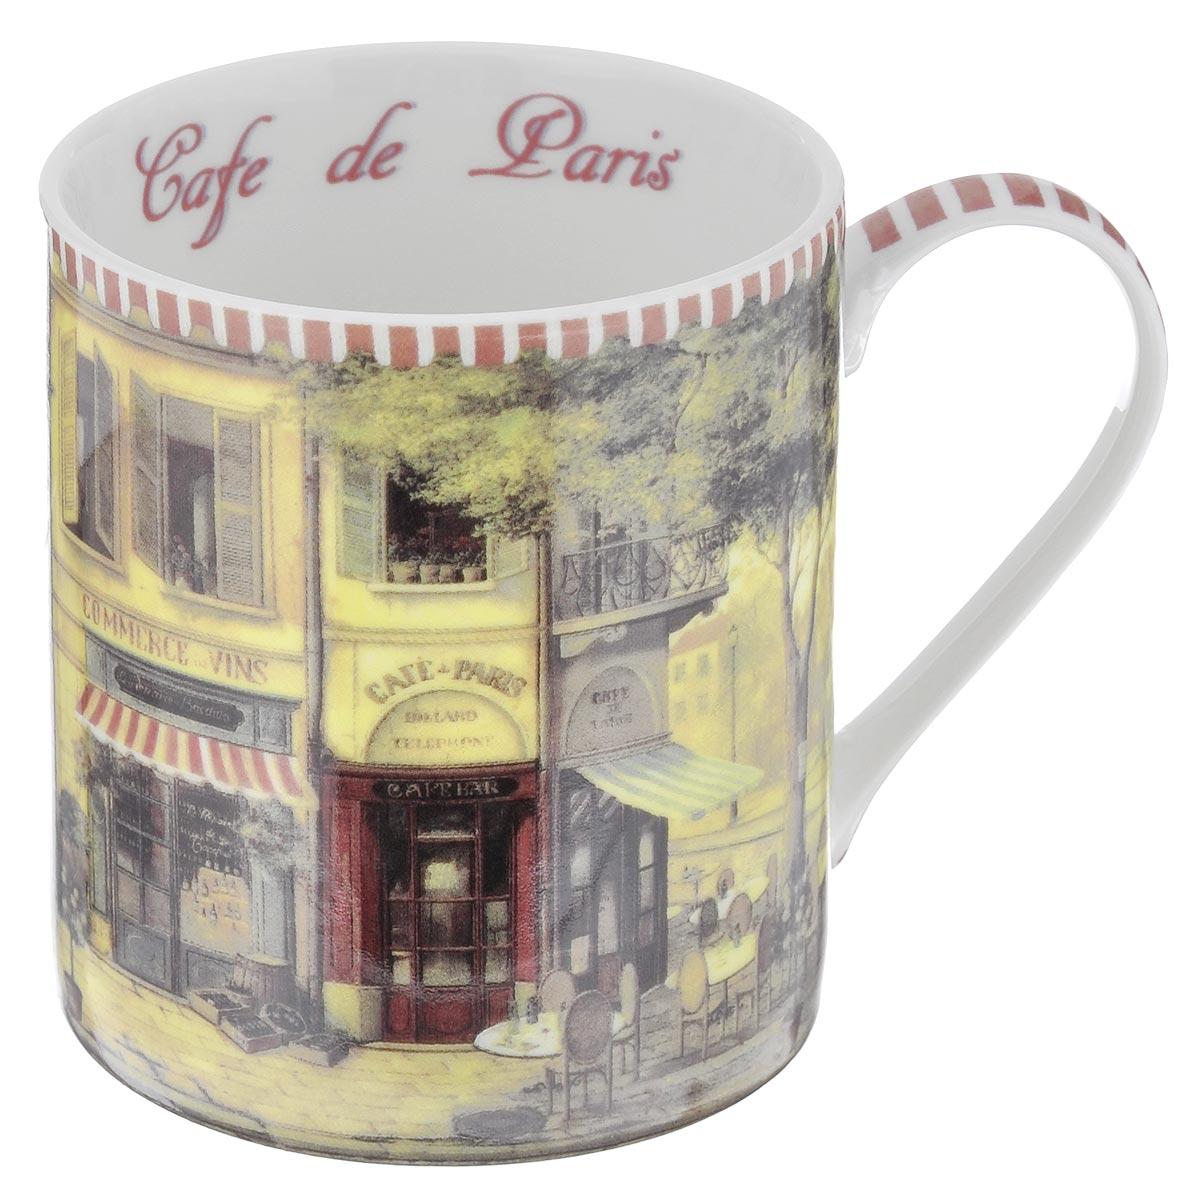 Кружка GiftnHome Парижское кафе, 400 мл04C1208-LILКружка GiftnHome Парижское кафе изготовлена из высококачественного костяного фарфора, покрытого слоем сверкающей глазури. Внешние стенки оформлены красочным изображением кофейни. Внутренняя поверхность декорирована надписью: Cafe de Paris. Кружка отличается высоким качеством и стильным дизайном. Она станет прекрасным подарком к любому случаю. Можно использовать в СВЧ и посудомоечной машине.